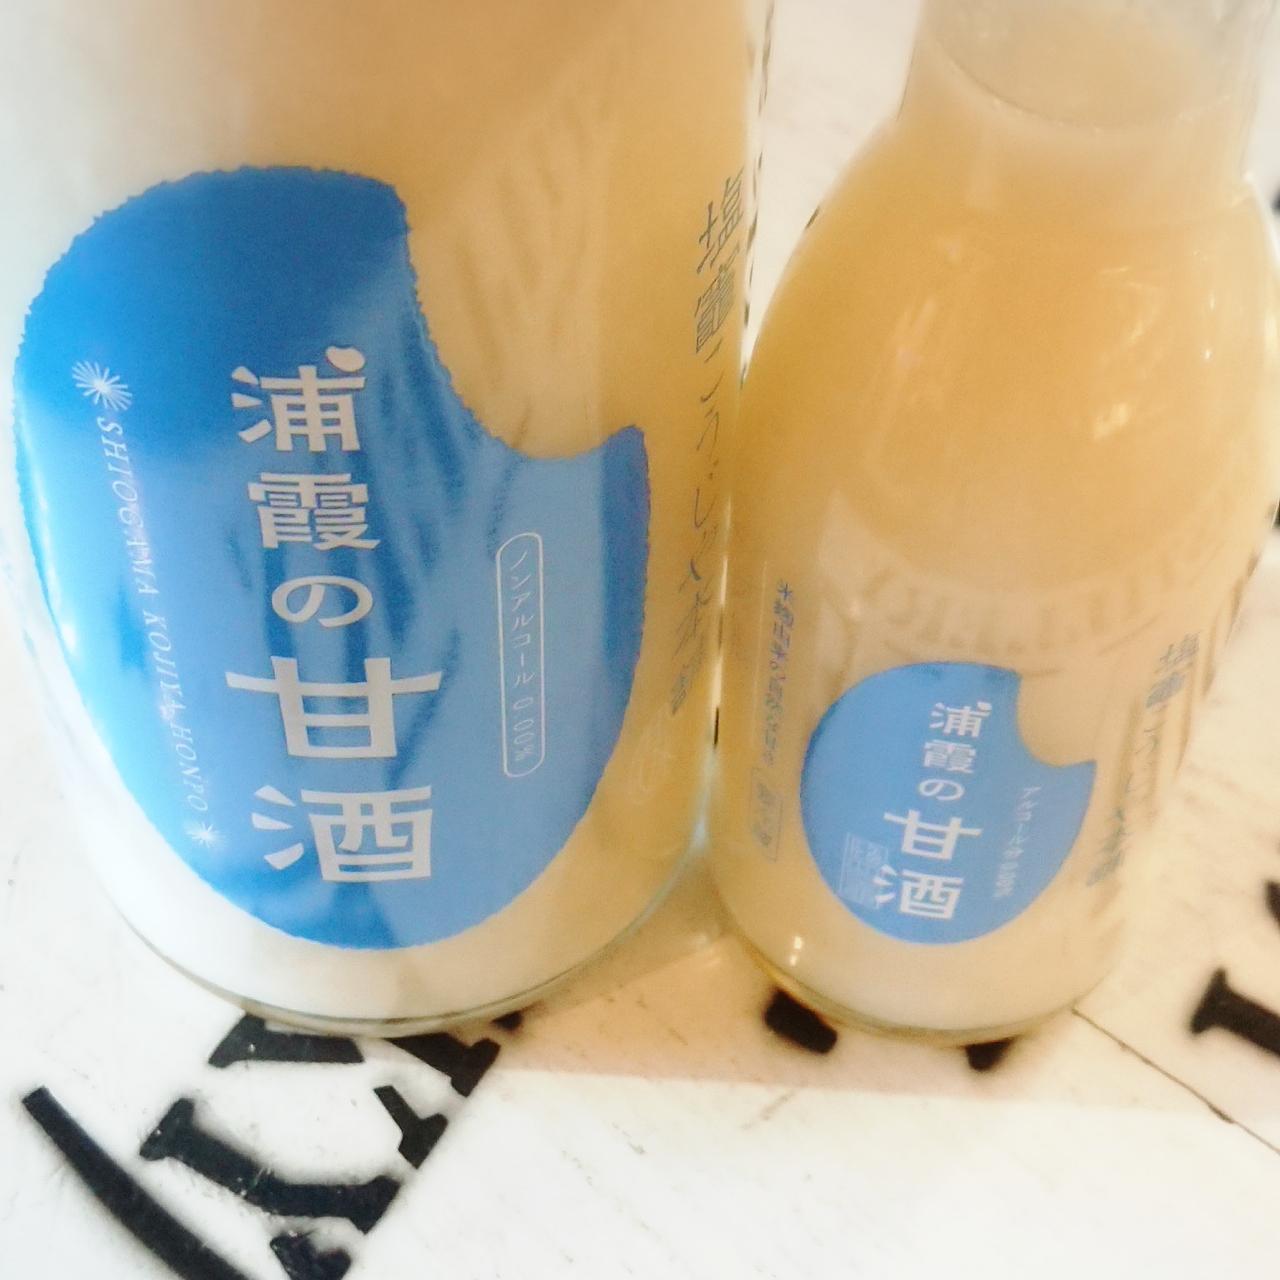 【かわら版115号掲載品】 浦霞の甘酒 ~麹甘酒の美味しさ、貫禄。手間暇かかるので、品切れも多いかも~